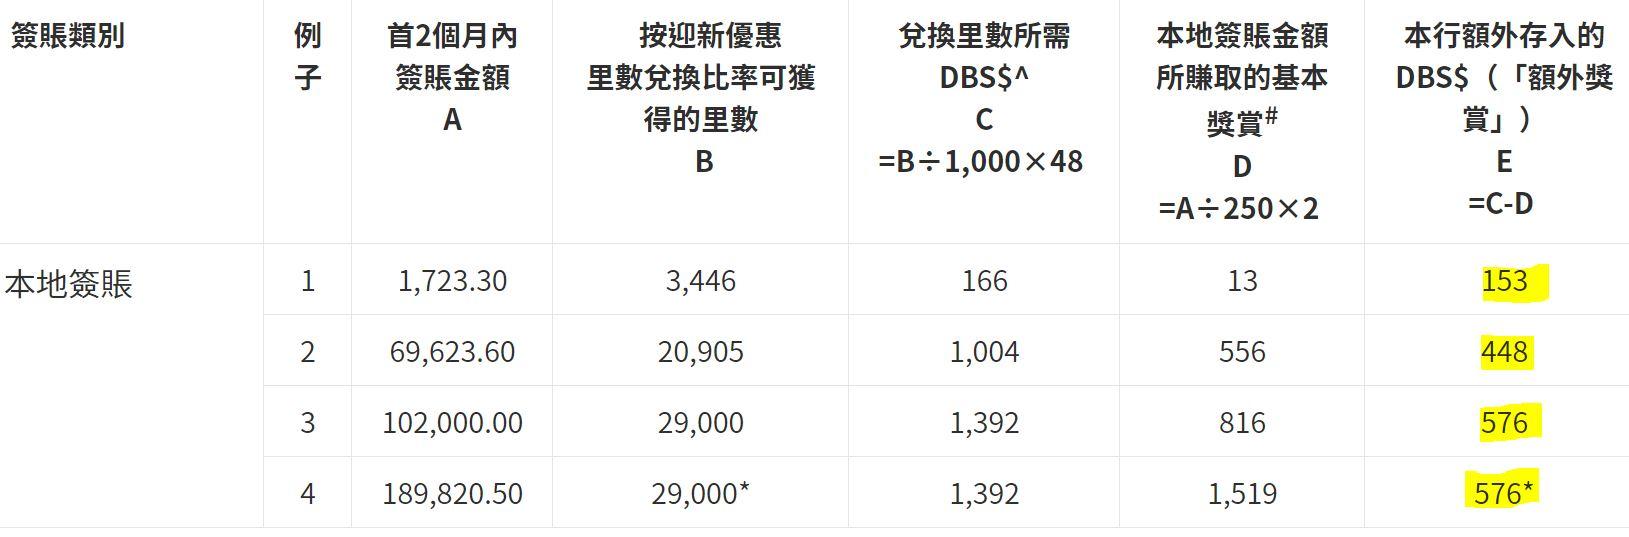 dbs black 迎新入賬時間